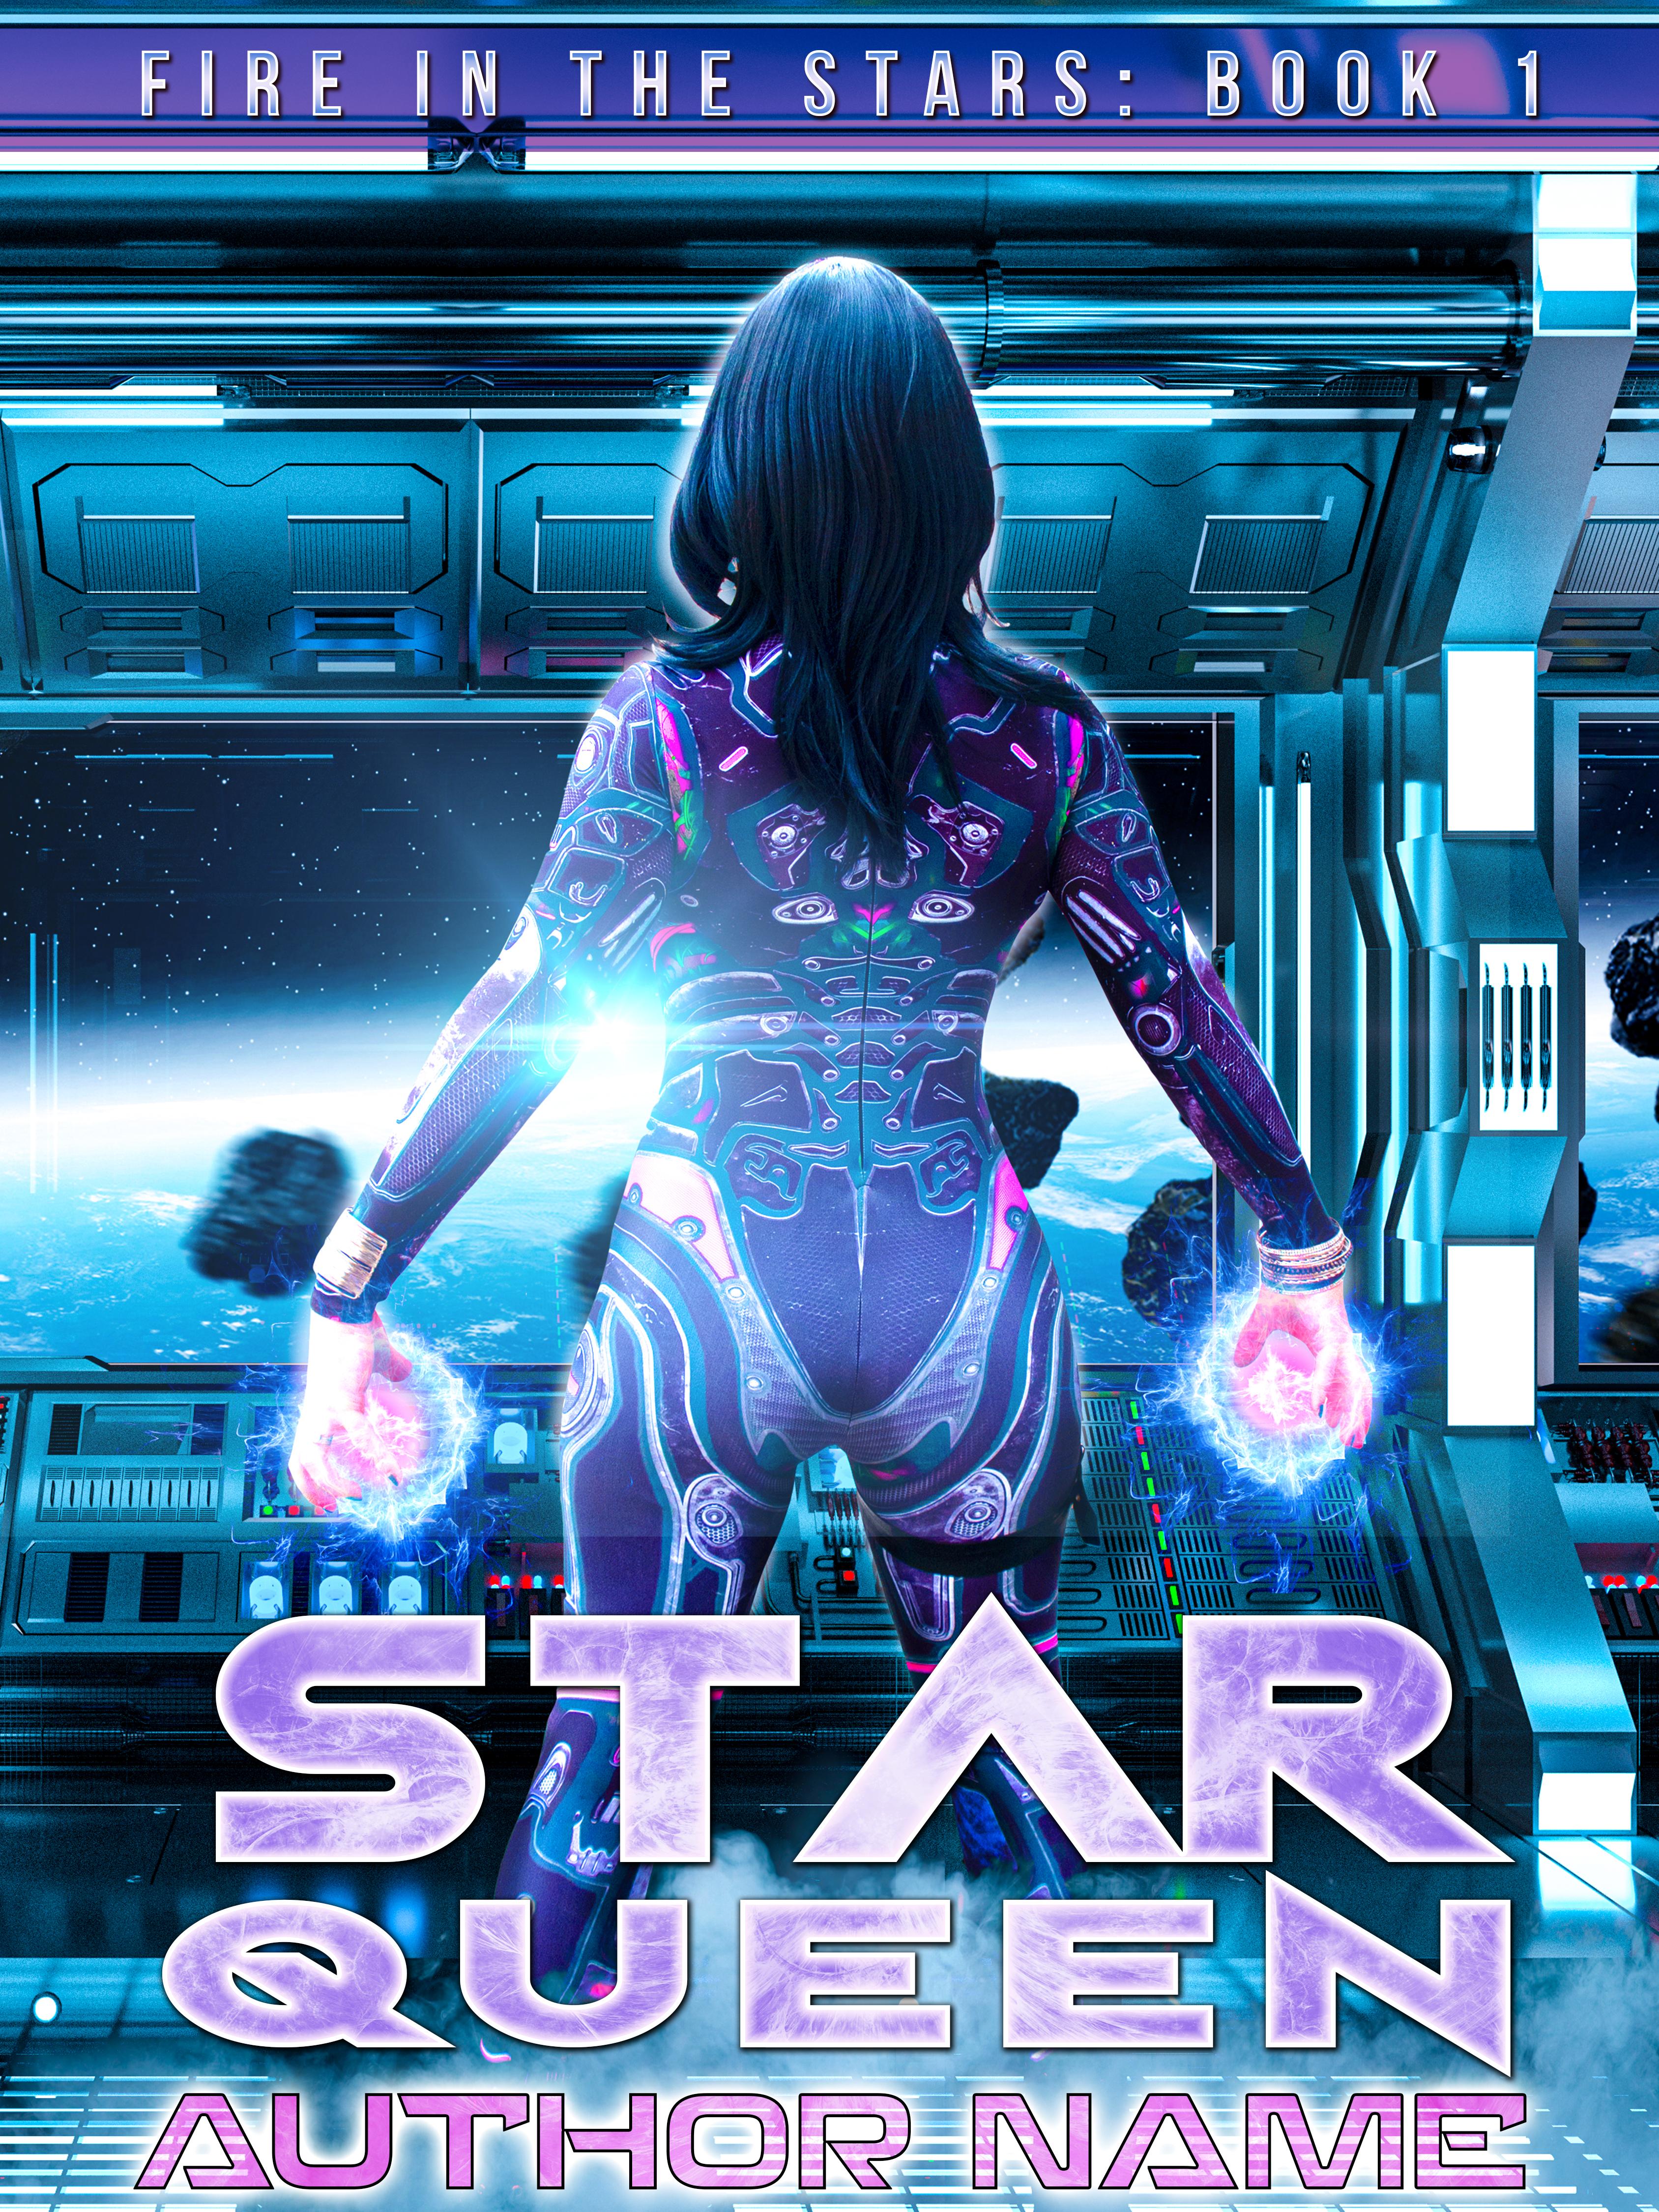 Star Queen - Sci-Fi/Fantasy Cover